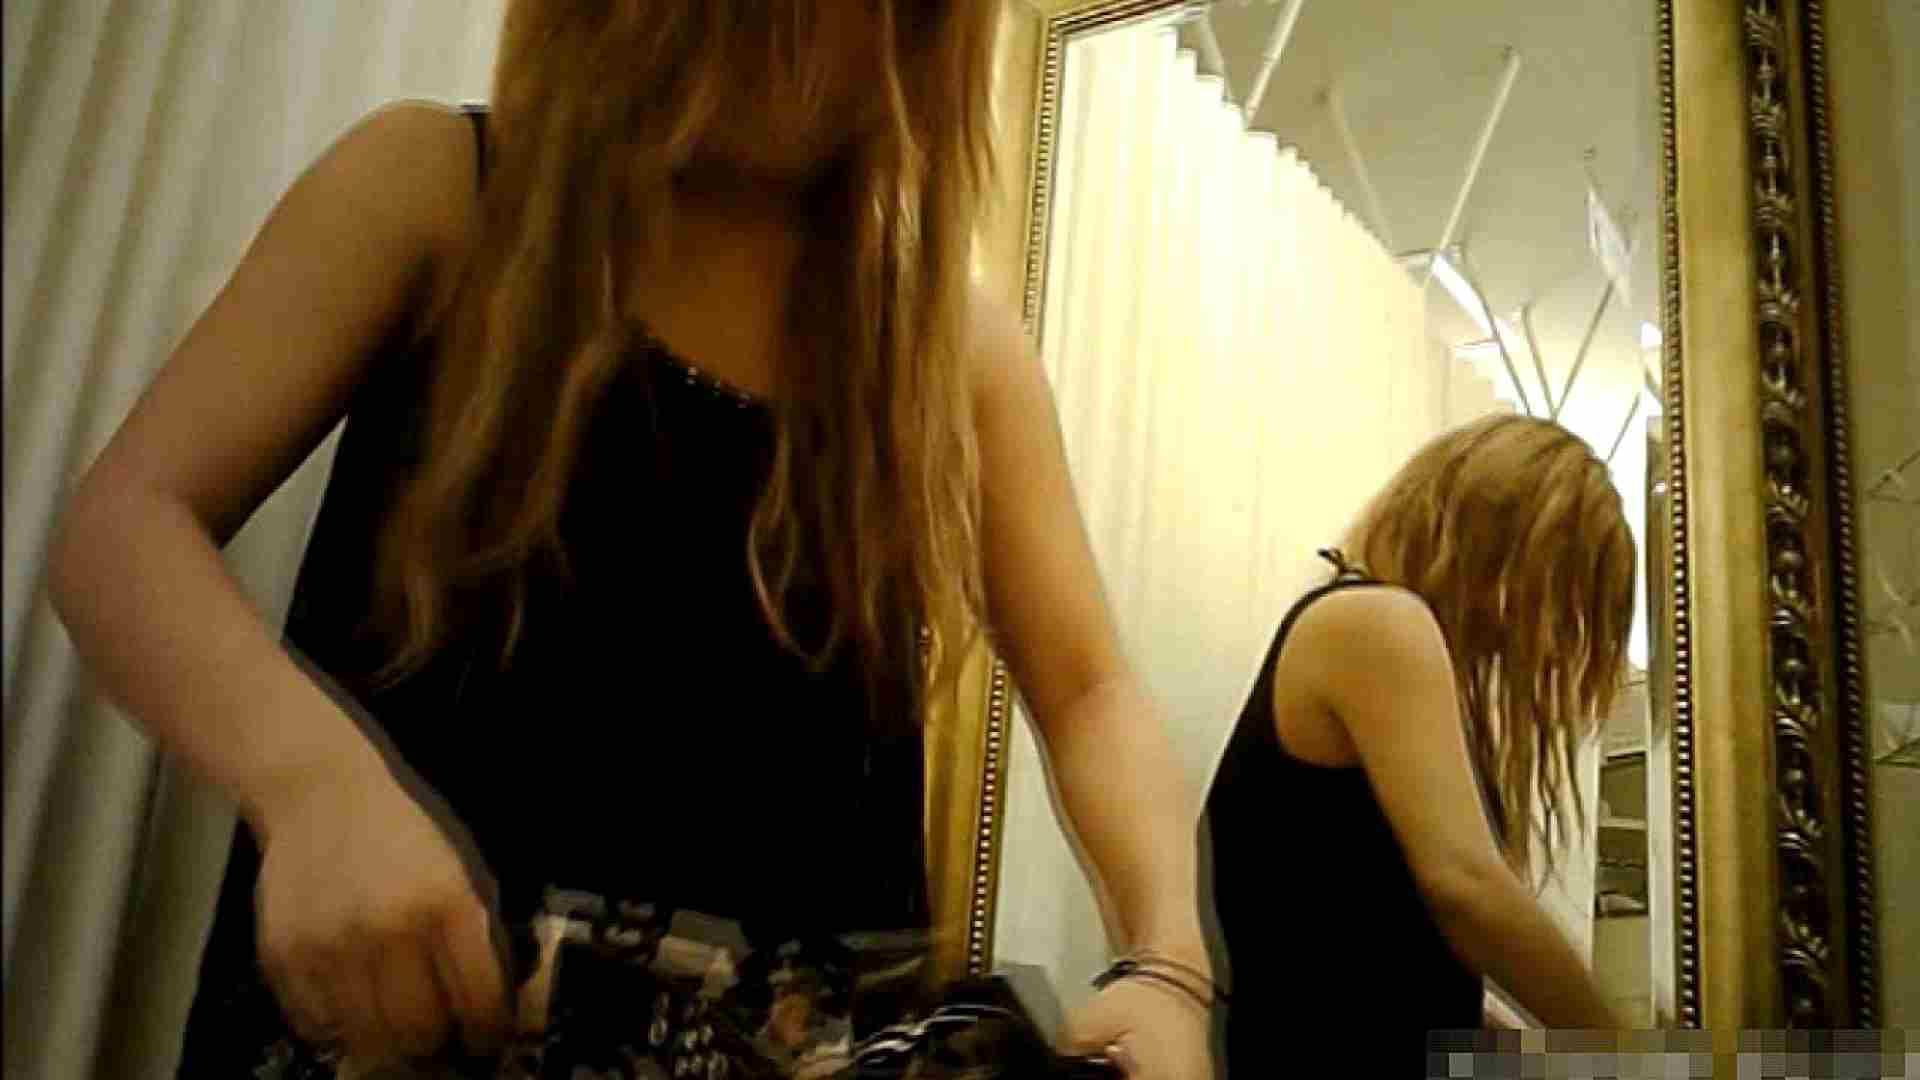 魔術師の お・も・て・な・し vol.07 19歳巨乳ギャルの入浴撮影 美しいOLの裸体 エロ無料画像 95pic 22